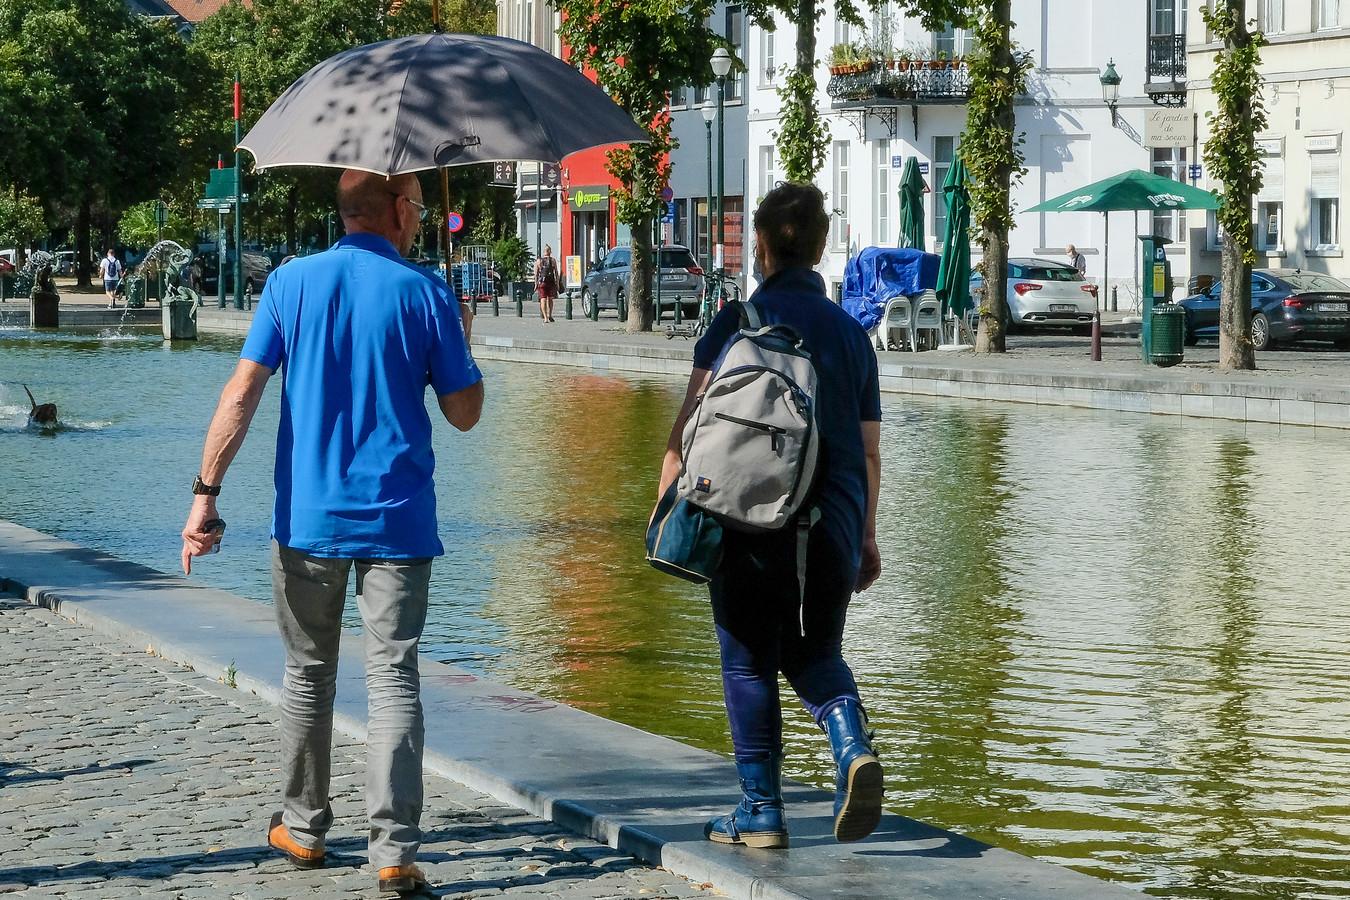 31 juli 2020: met een paraplu beschutting zoeken tegen de zon. Zo'n hitte lijkt er de komende maand niet in te zitten in onze omgeving.